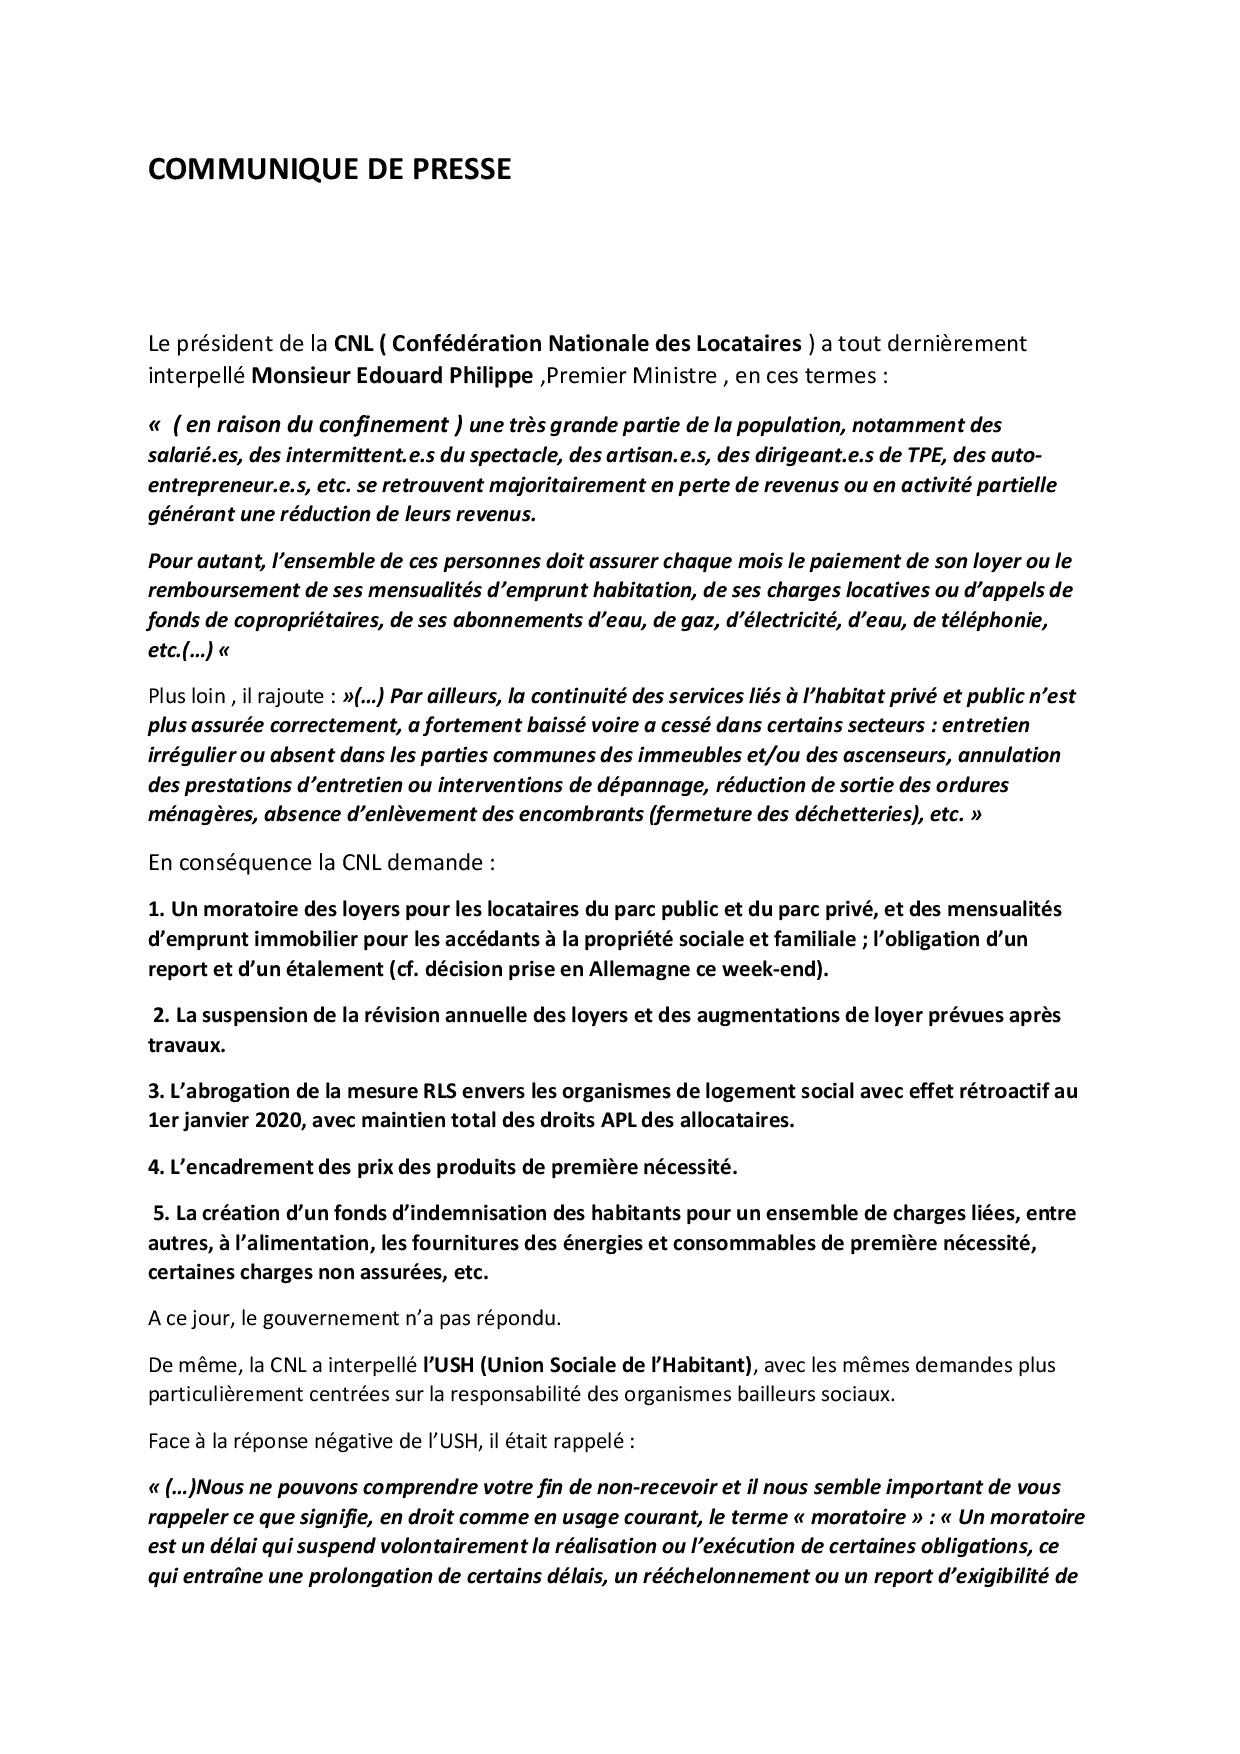 COMMUNIQUE DE PRESSE (cnl69)-page-001 jpeg